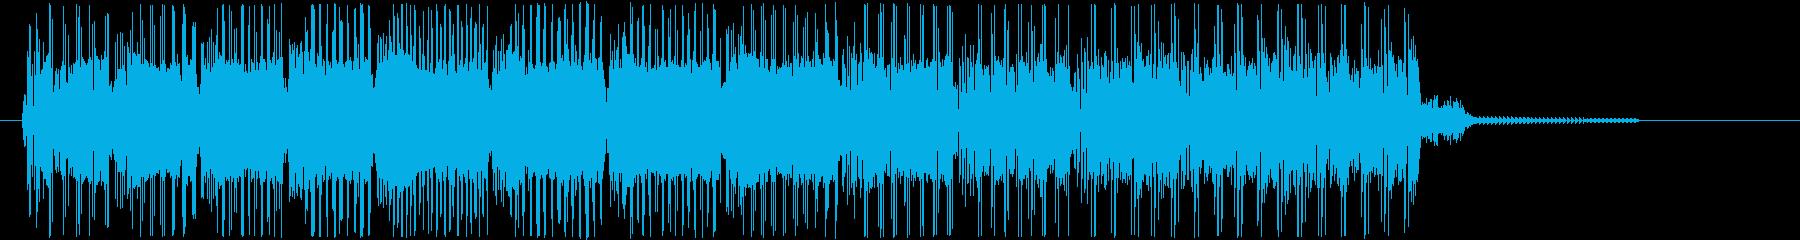 ファミコン風レトロなゲームオーバーの再生済みの波形